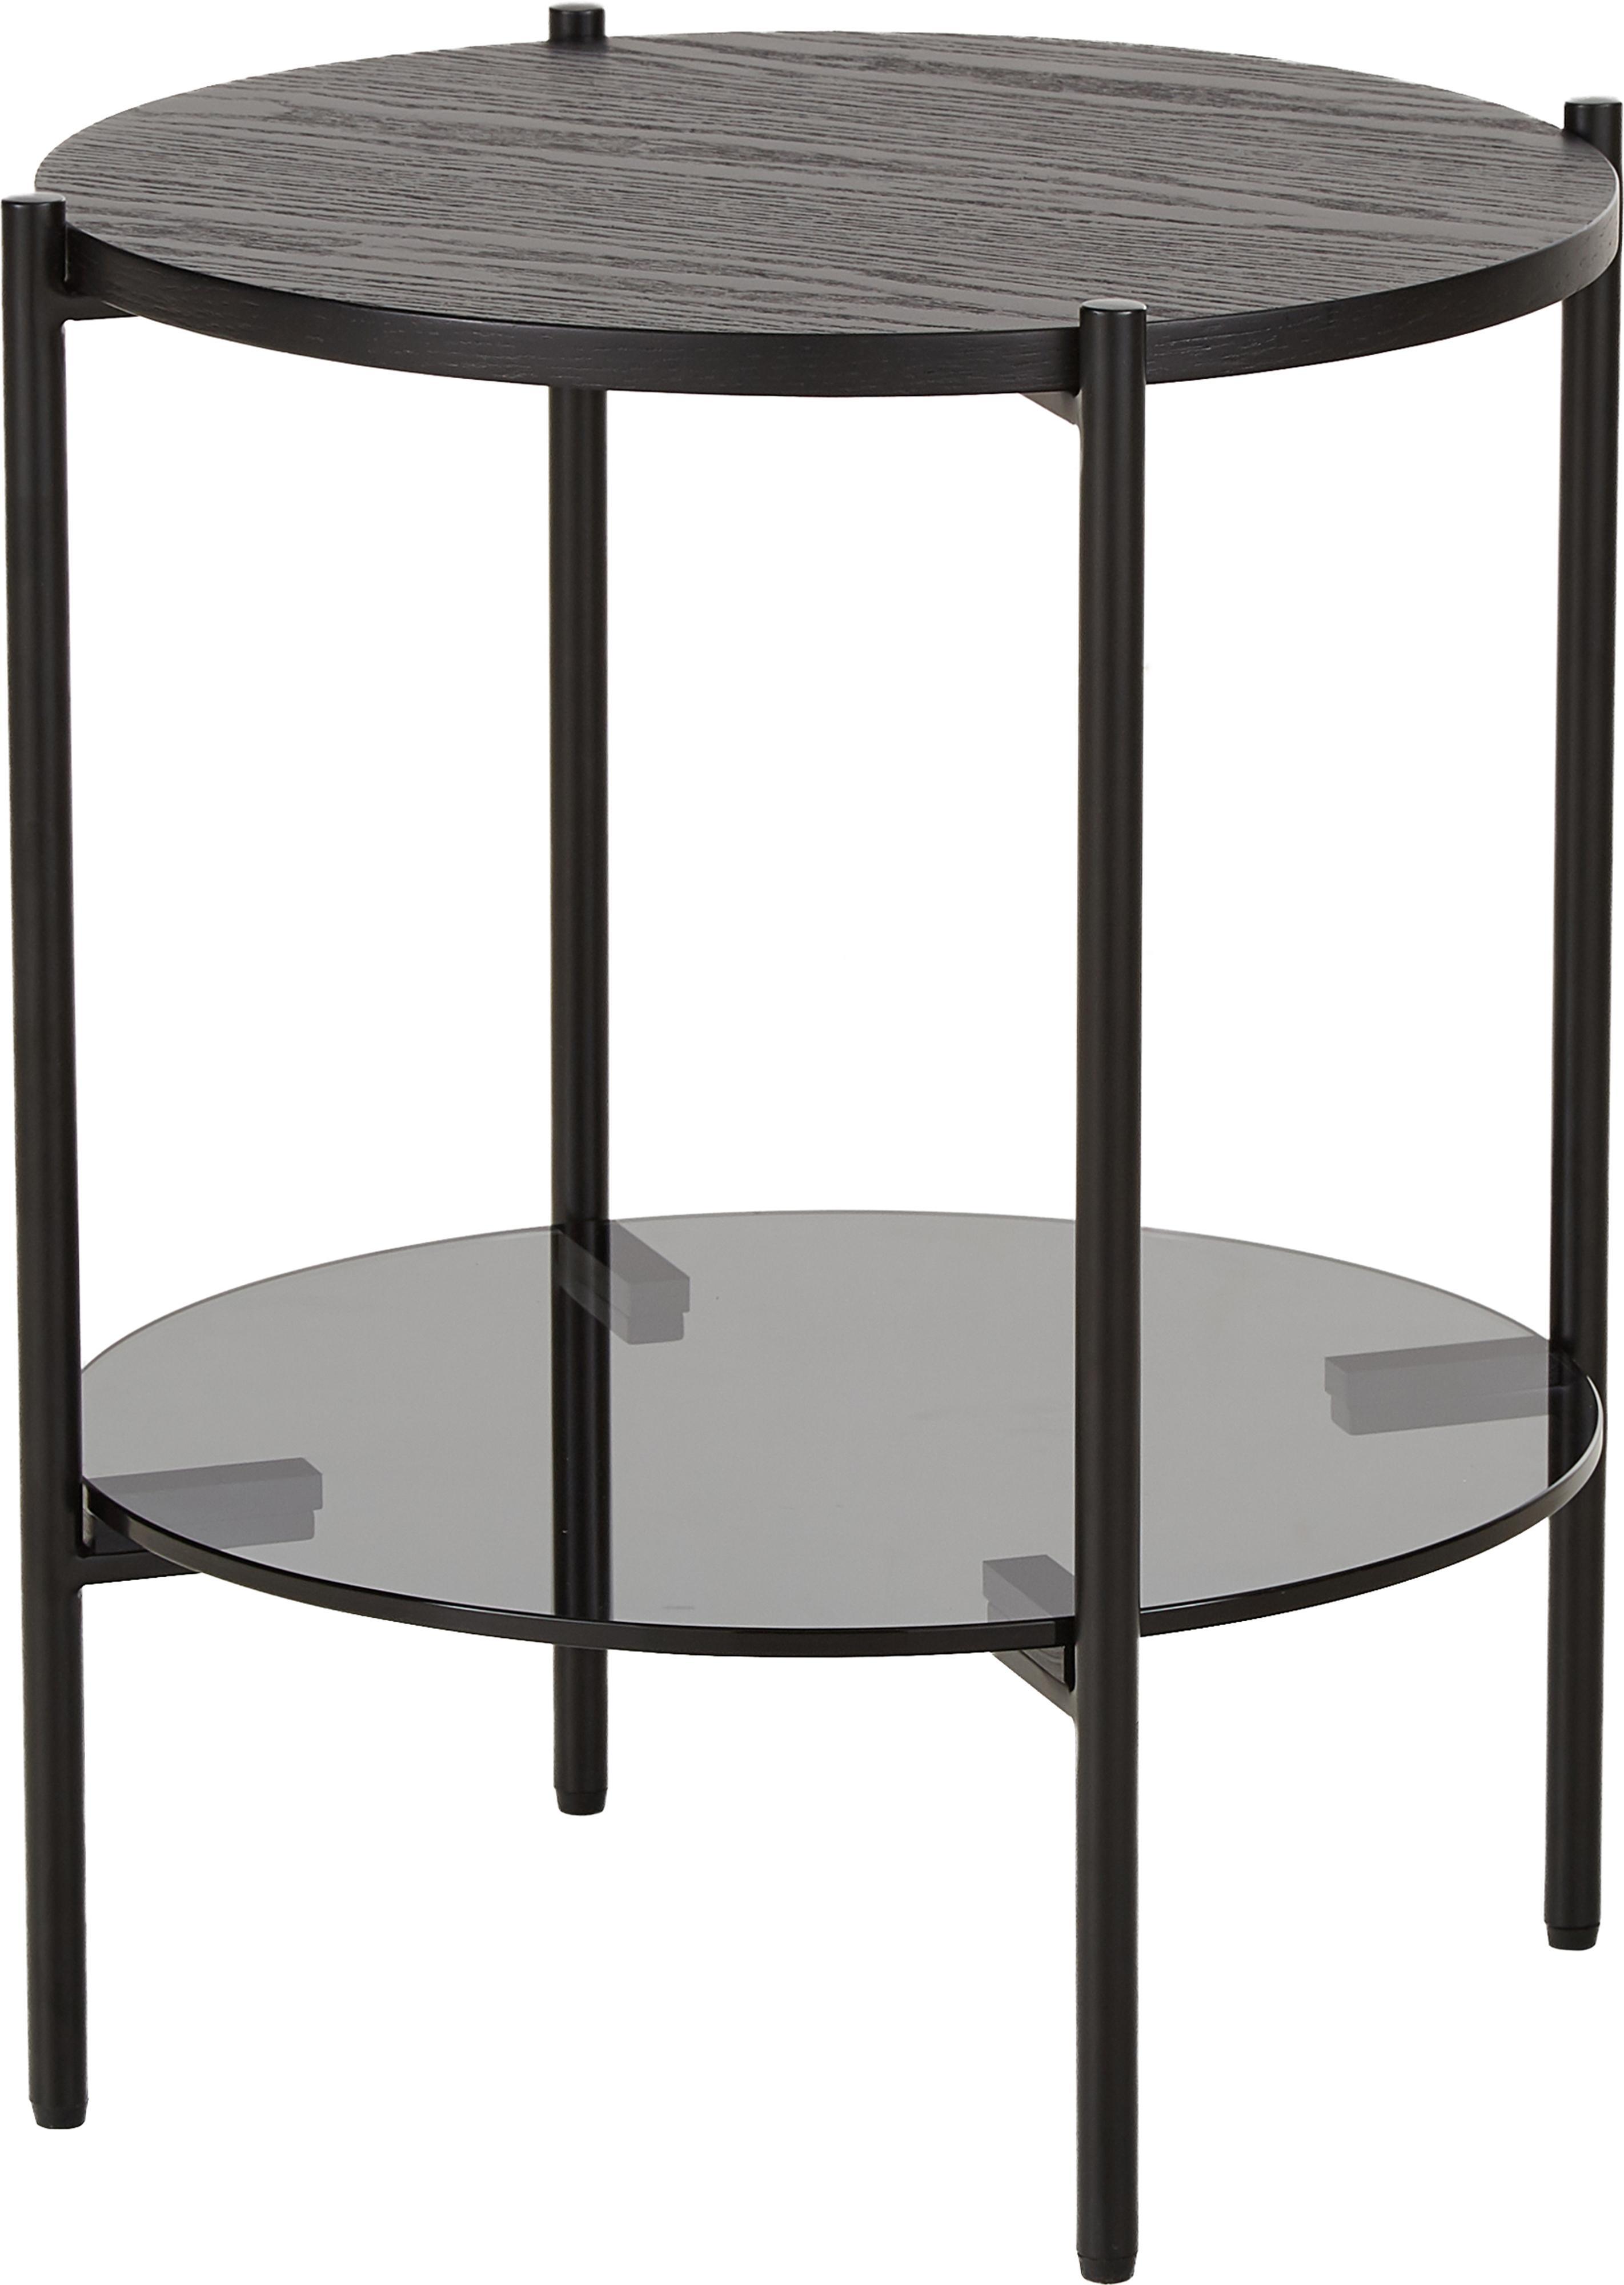 Bijzettafel Valentina met glazen tafelblad, Tafelblad: glas, Plank: MDF, met essenhoutfineer, Frame: gepoedercoat metaal, Zwart, Ø 44 x H 50 cm